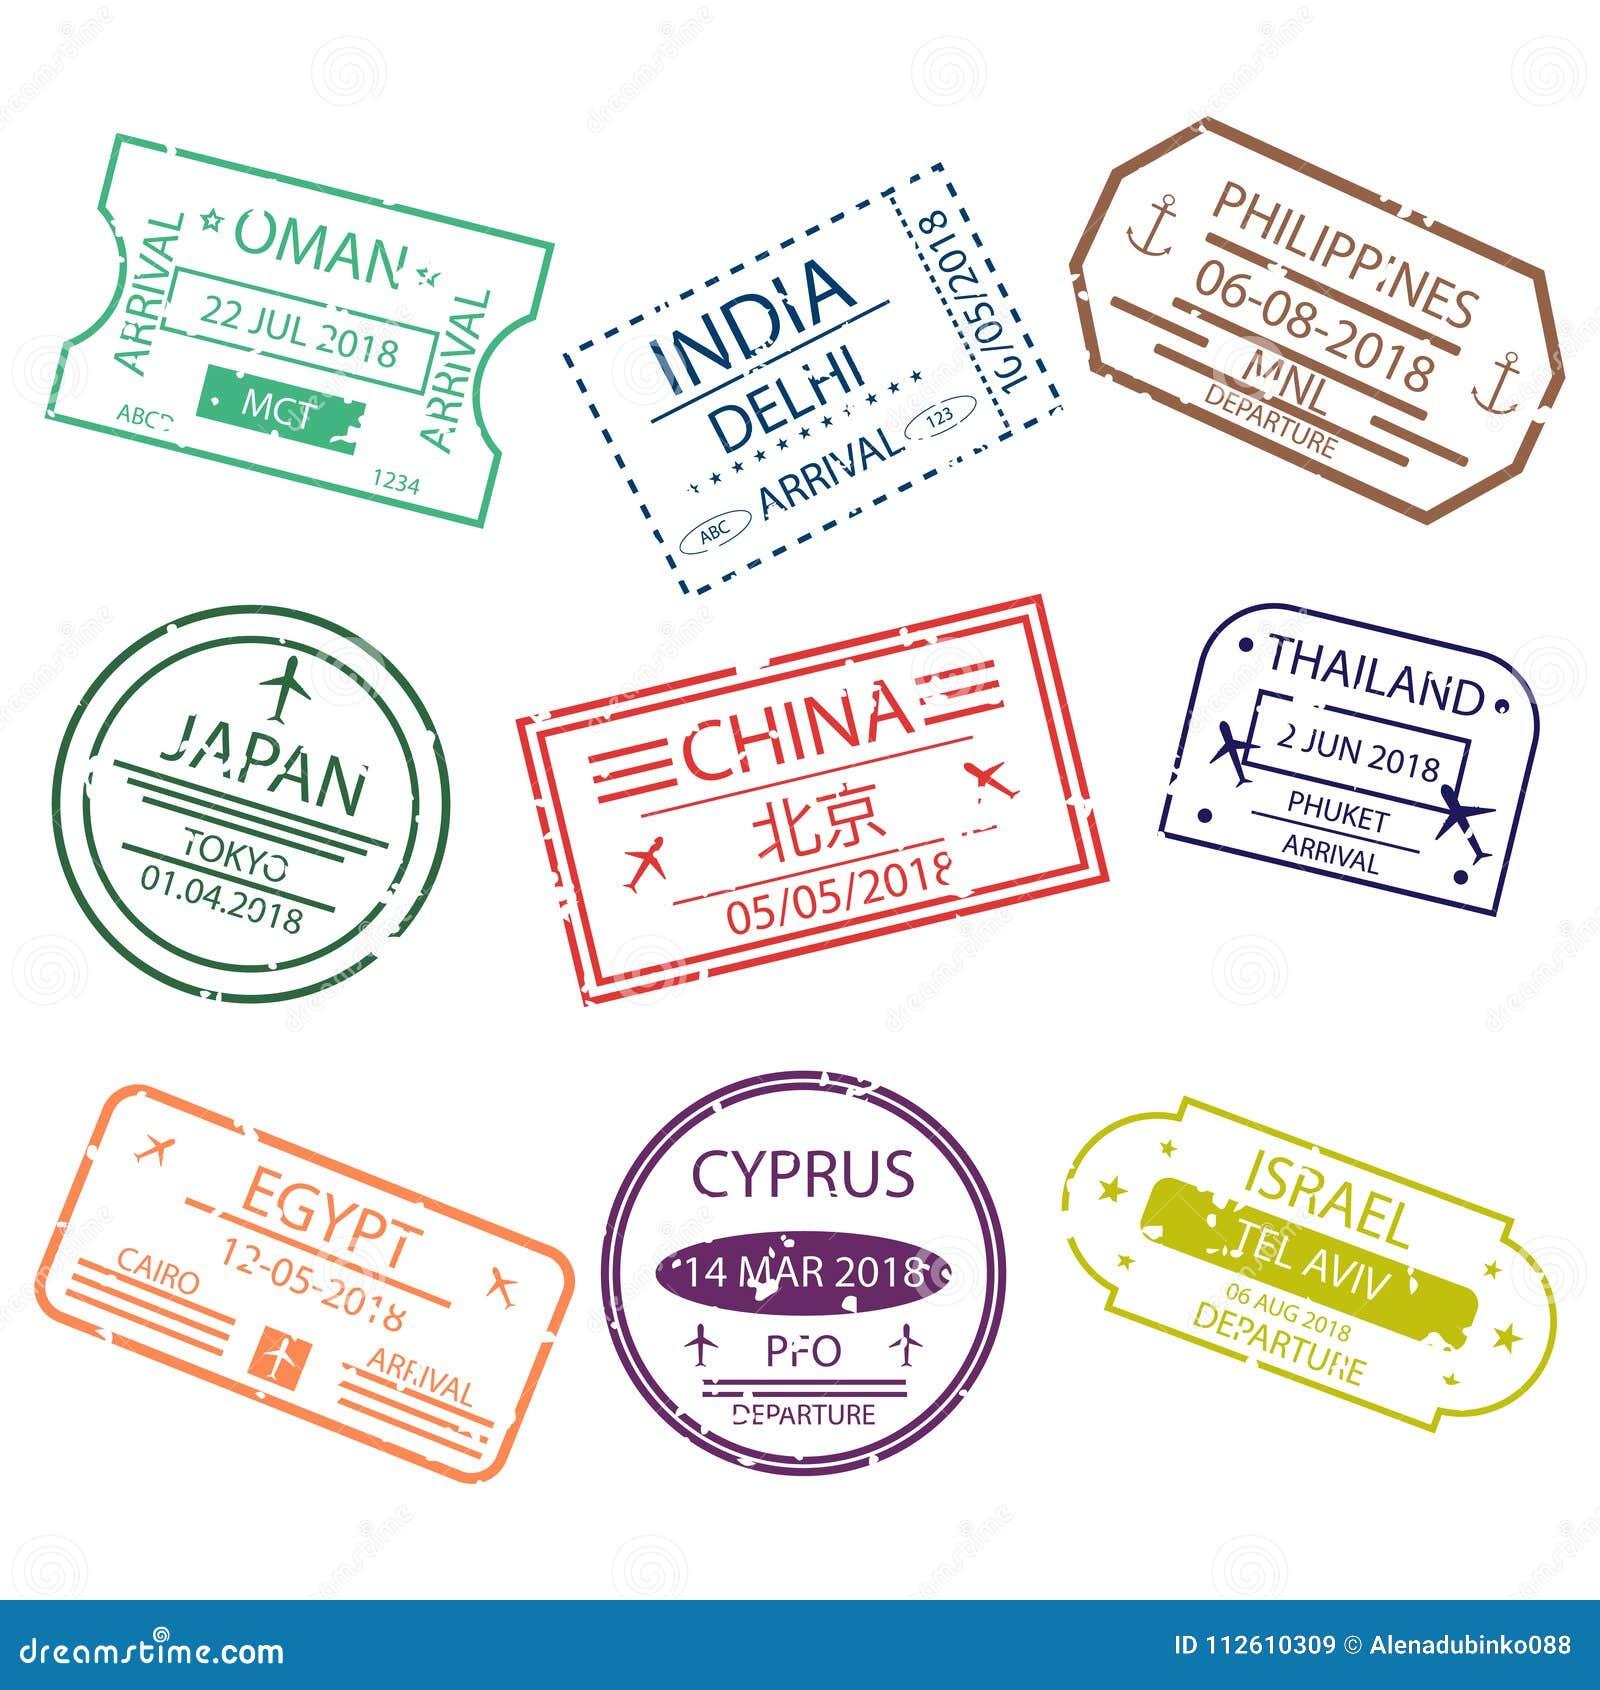 Le timbre ou le visa de passeport signe pour l entrée aux différents pays Asie Symboles d aéroport international